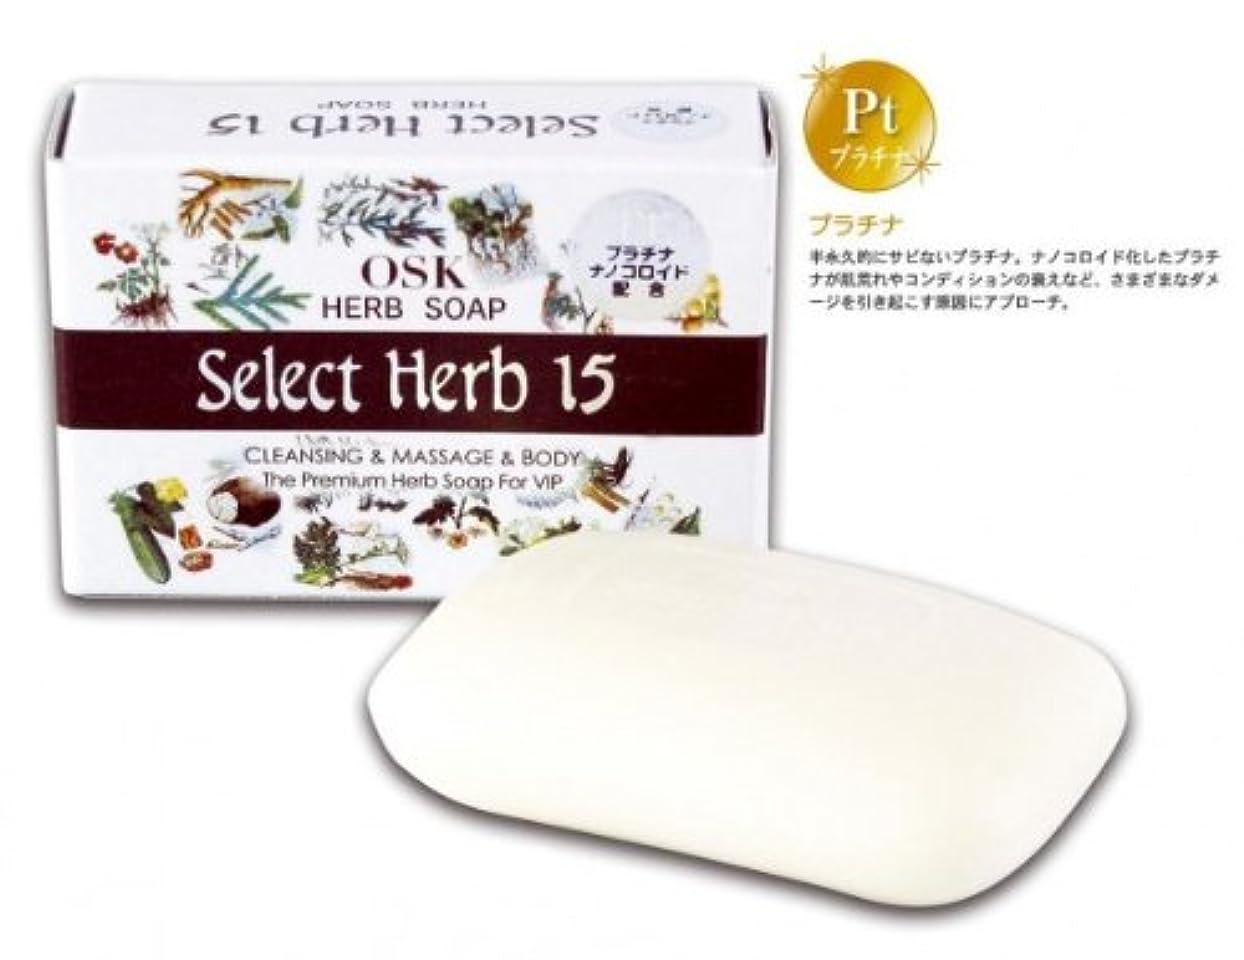 レビューインスタンスバーゲンNEW OSK SOAP SelectHerb15(ニューオーエスケーソープセレクトハーブ15)135g